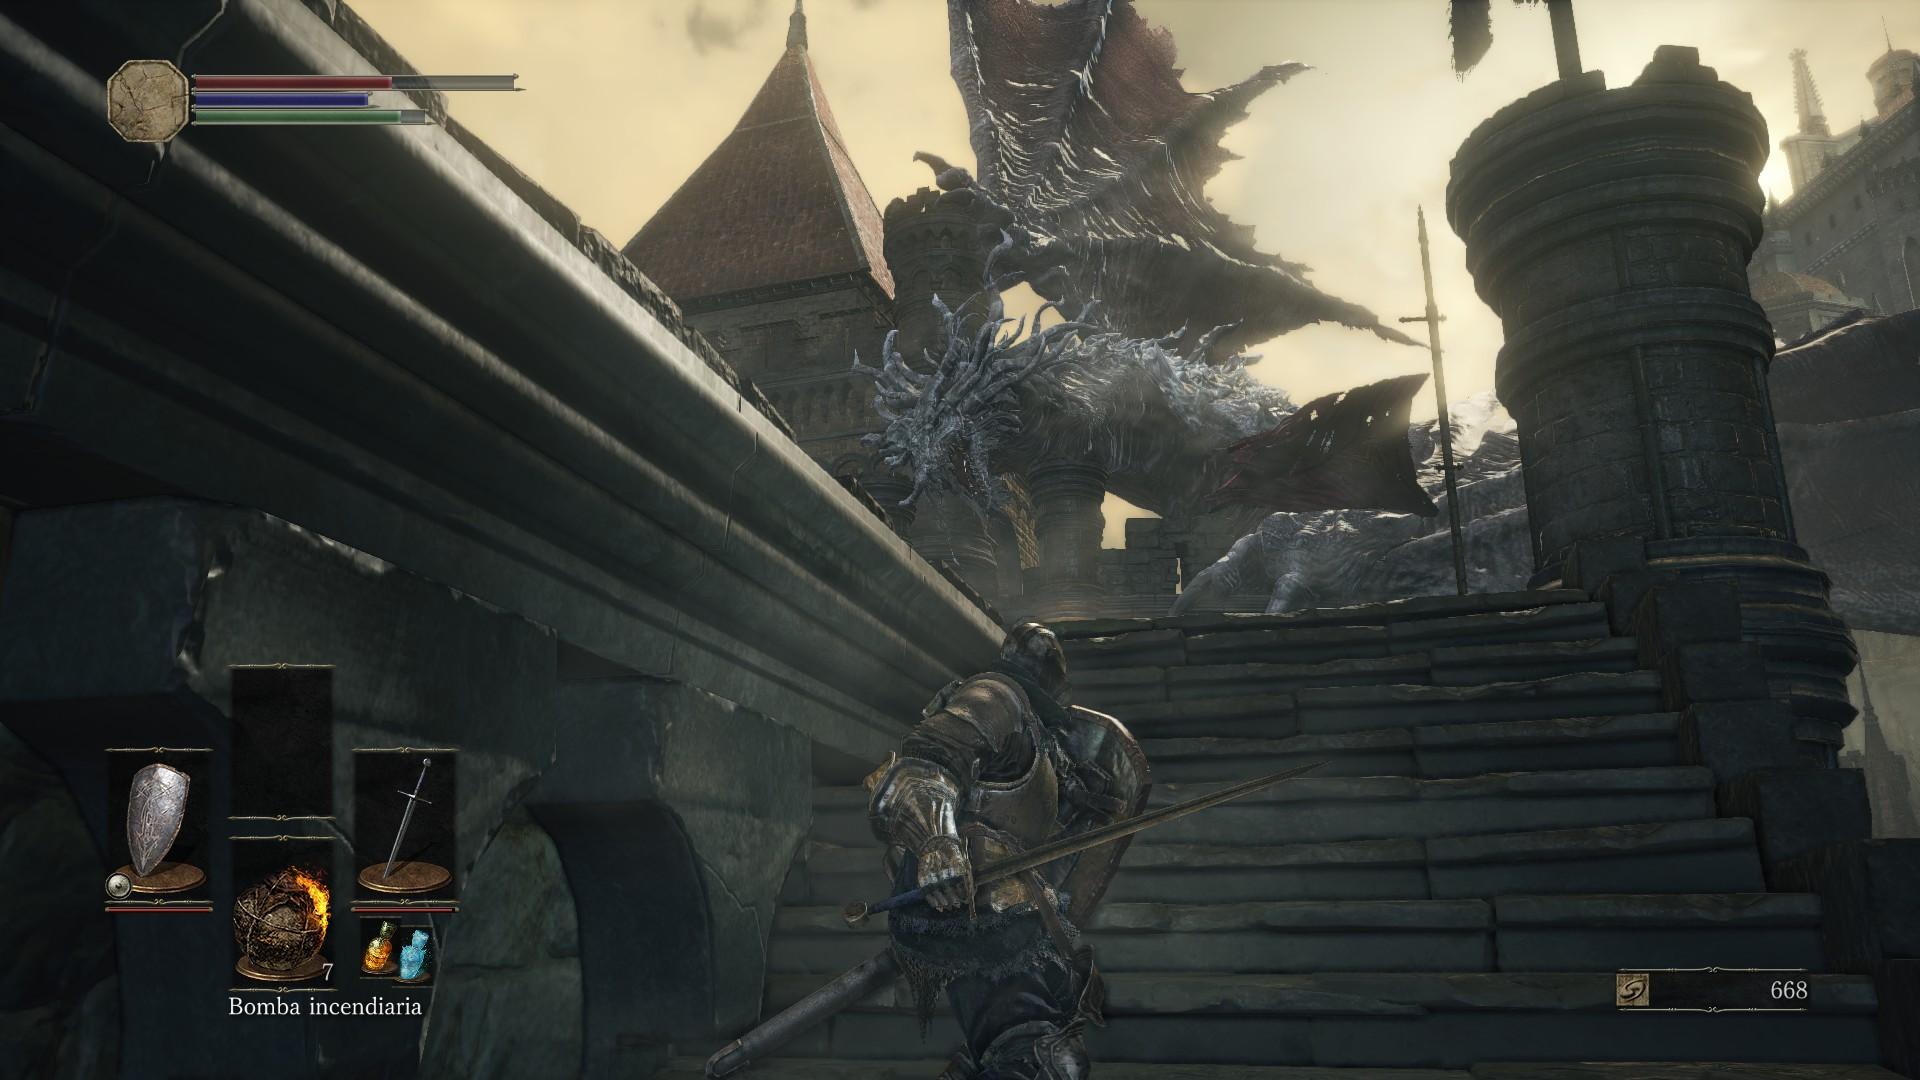 El hombre contra las bestias, esta es la esencia del Dark Souls 3.